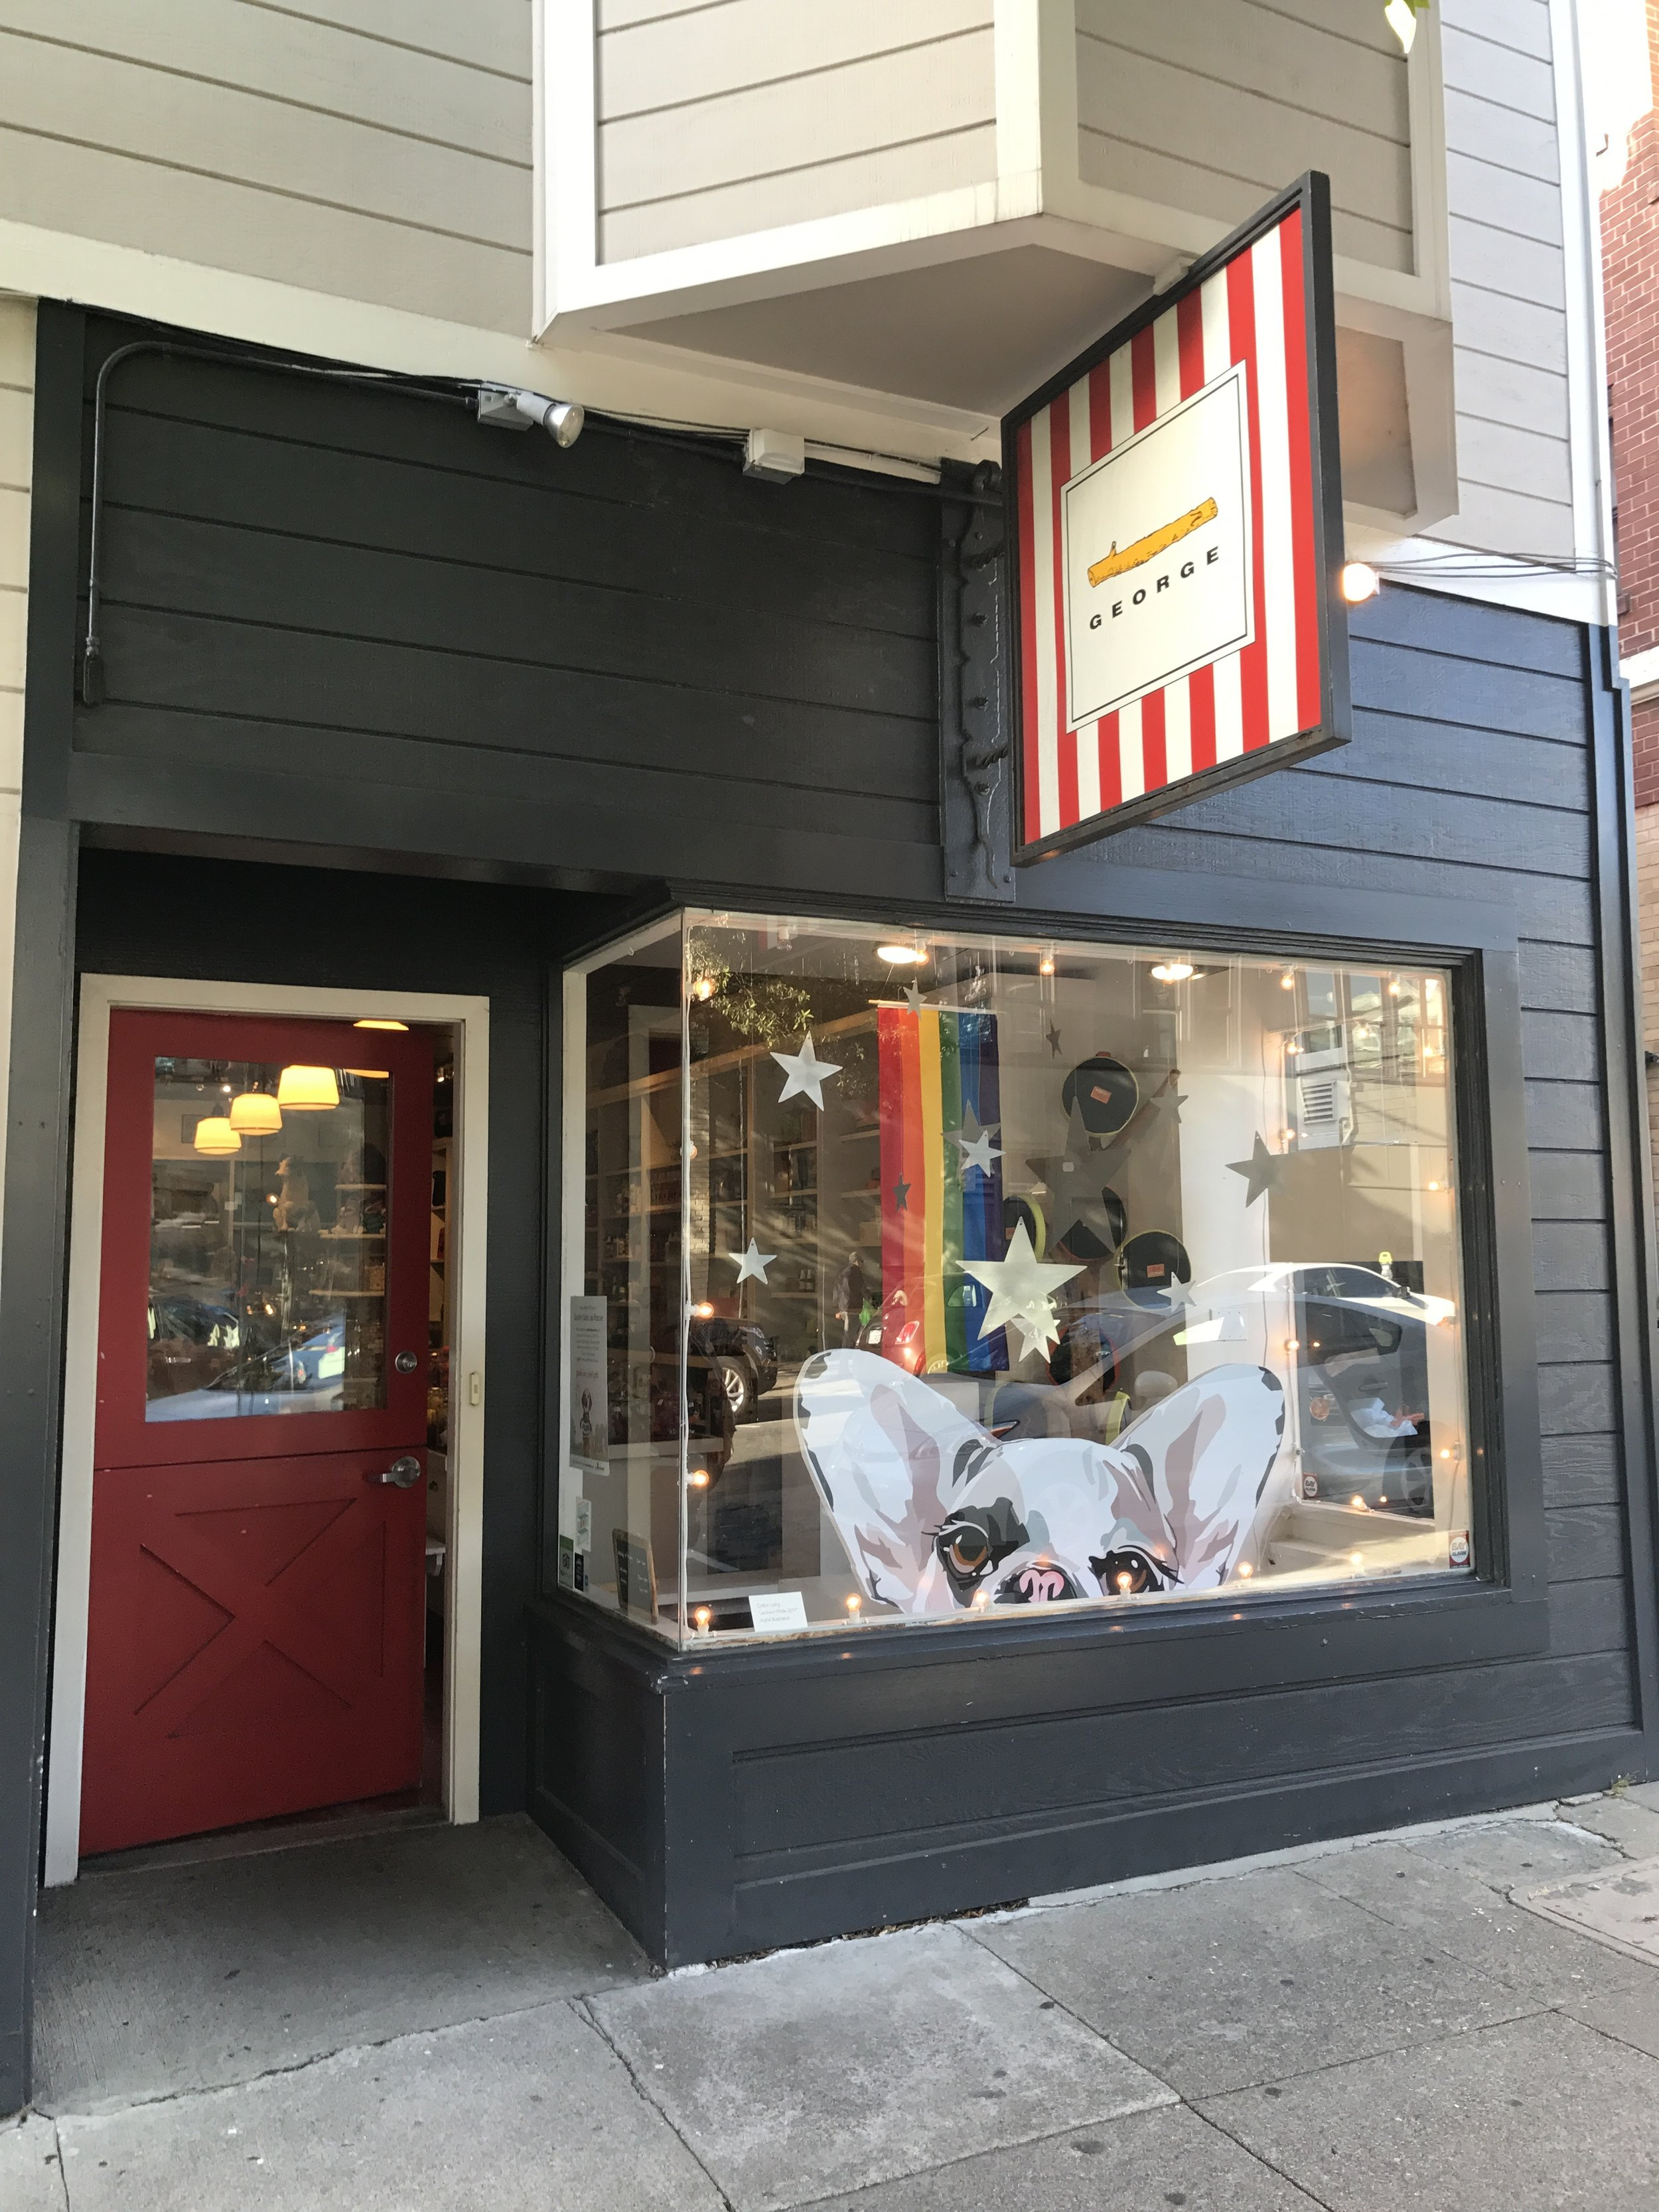 George Pet Shop